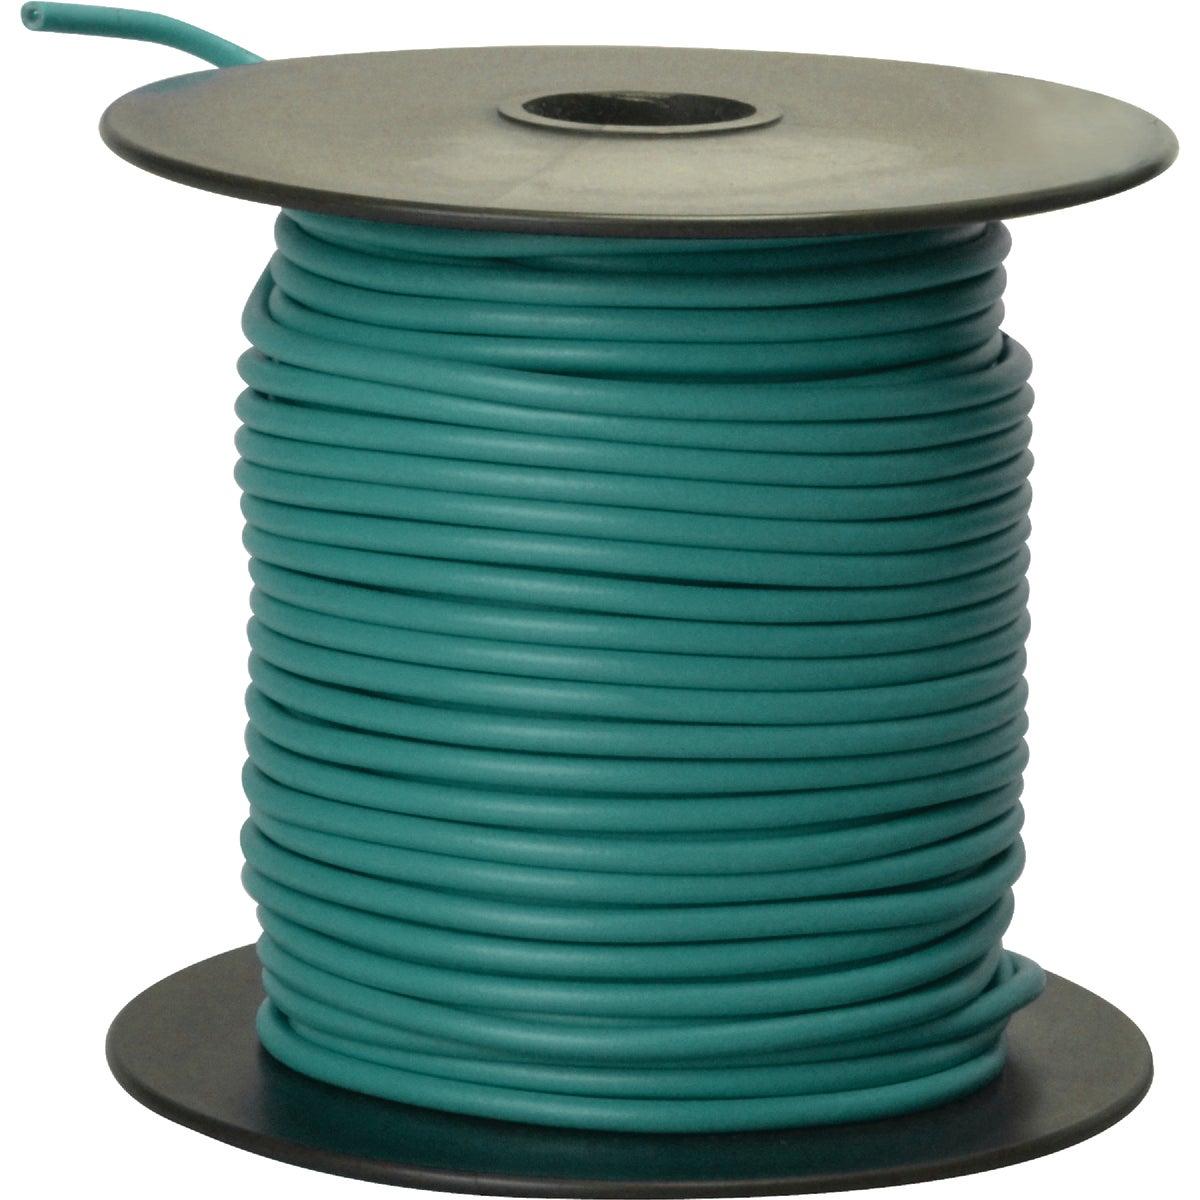 100' 16Ga Grn Auto Wire